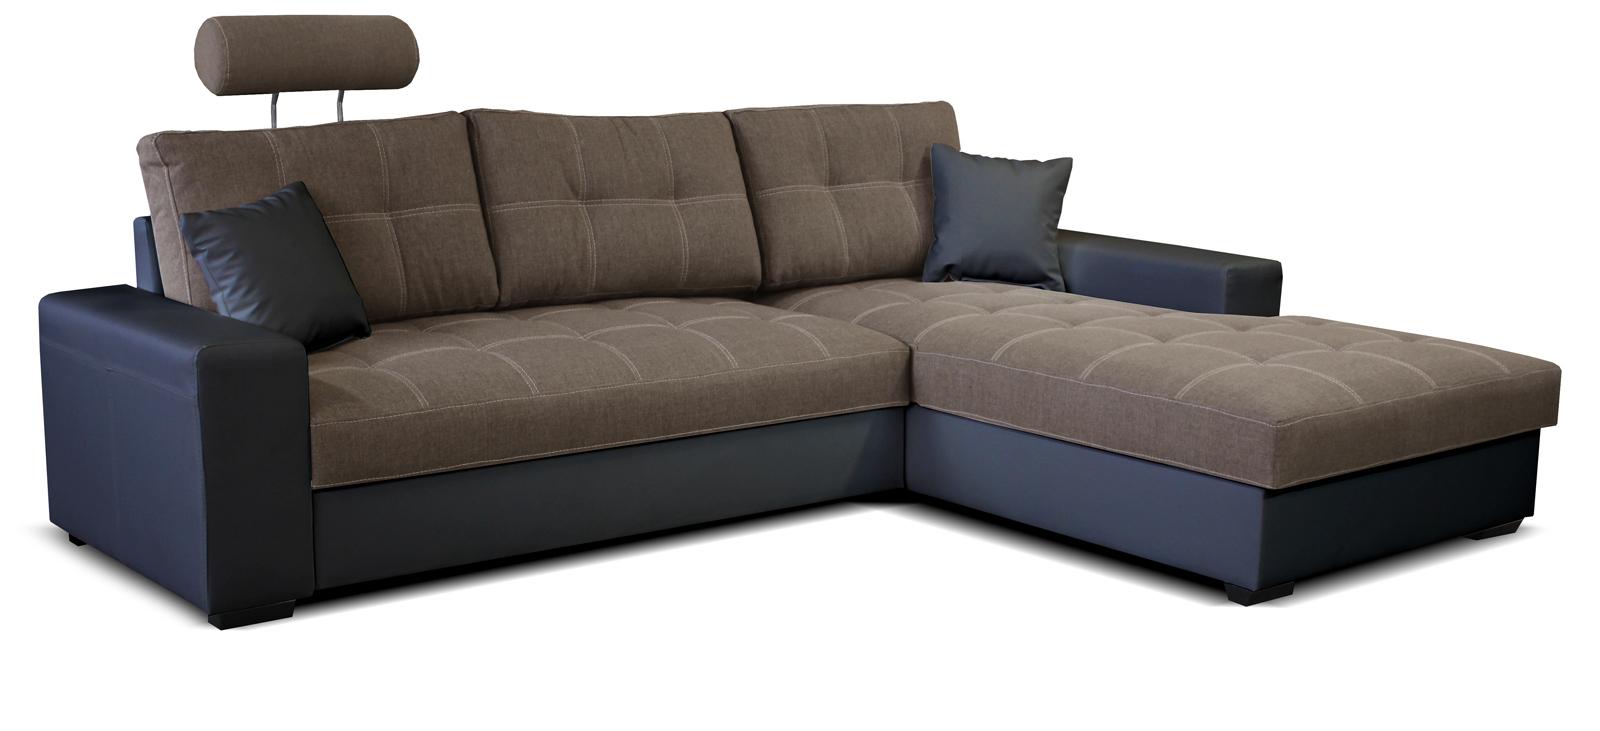 Rohová sedací souprava - Po-Sed - Corato 2F+L (hnědá + černá) (P)